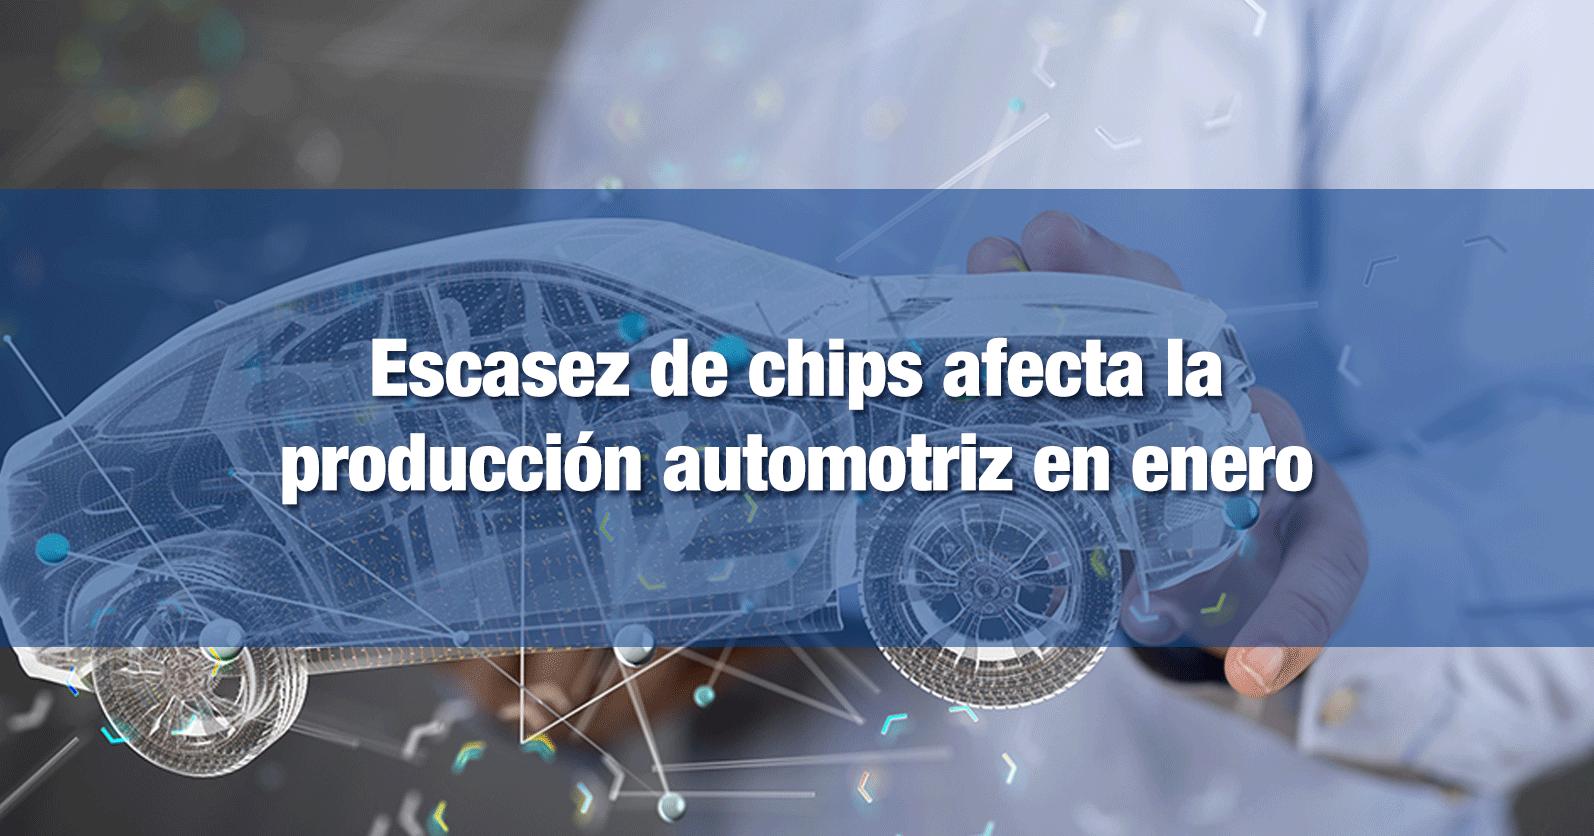 Escasez de chips afecta la producción automotriz en enero